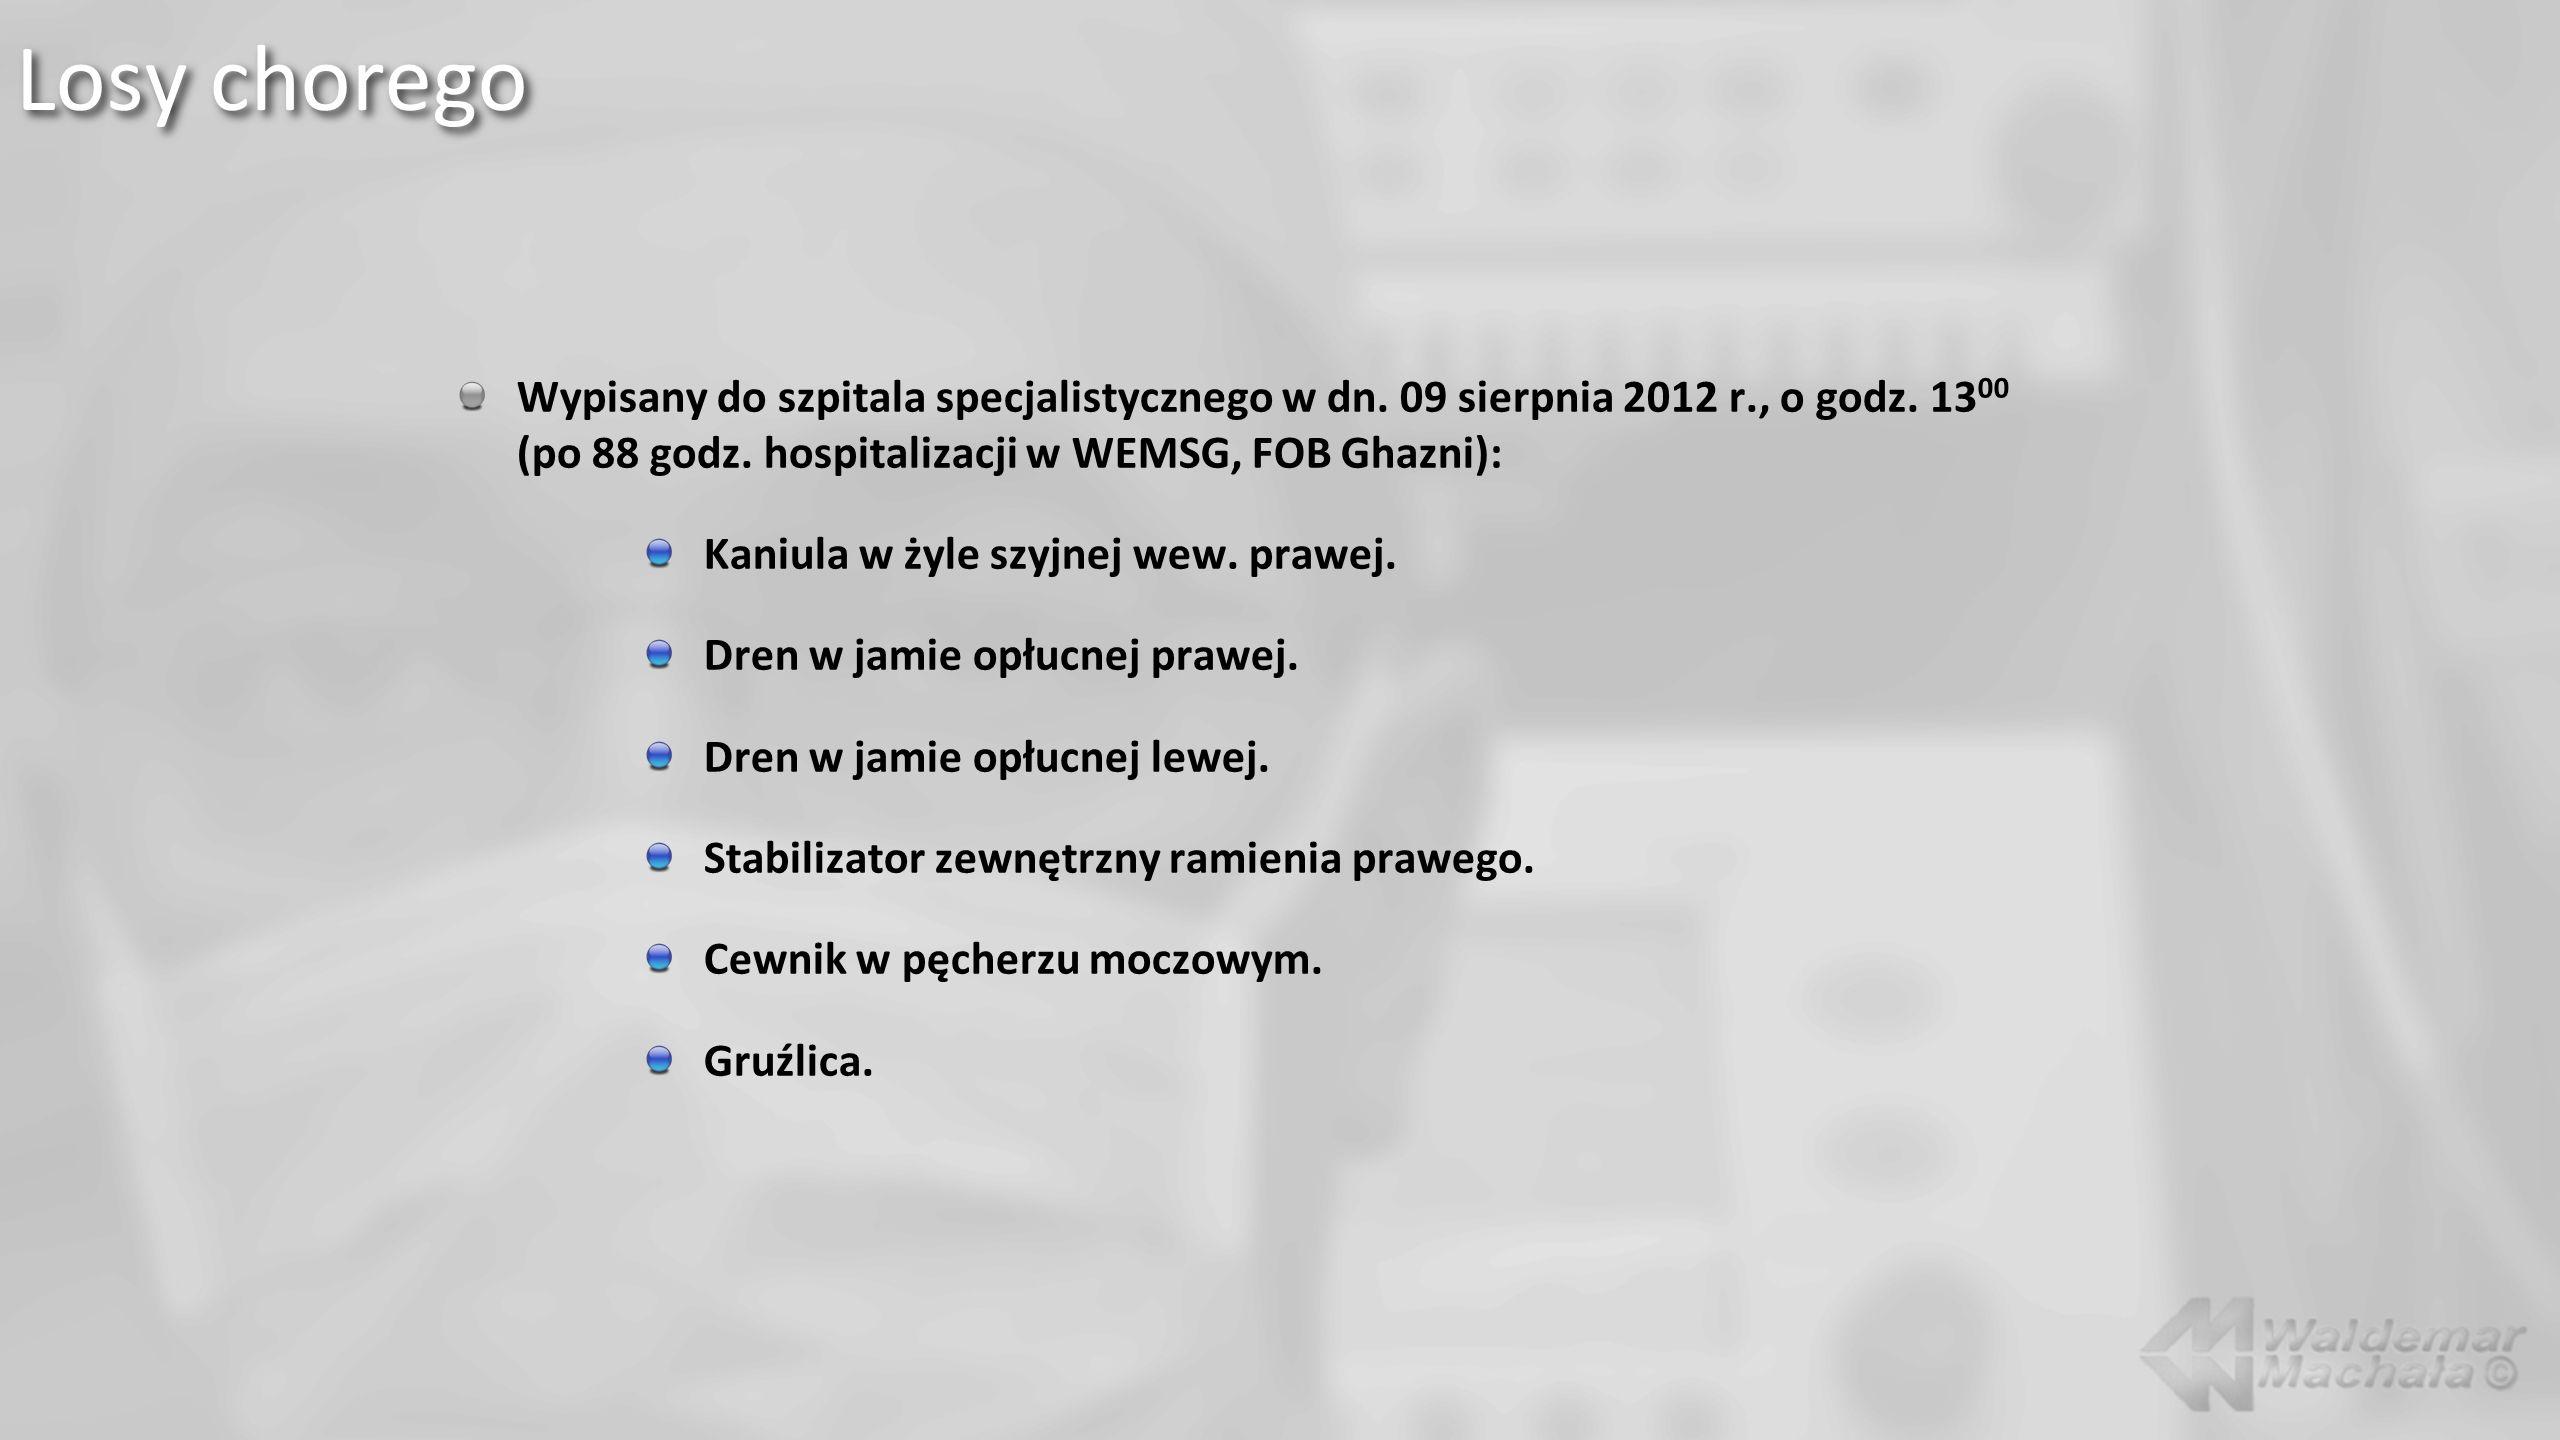 Wypisany do szpitala specjalistycznego w dn. 09 sierpnia 2012 r., o godz. 13 00 (po 88 godz. hospitalizacji w WEMSG, FOB Ghazni): Kaniula w żyle szyjn